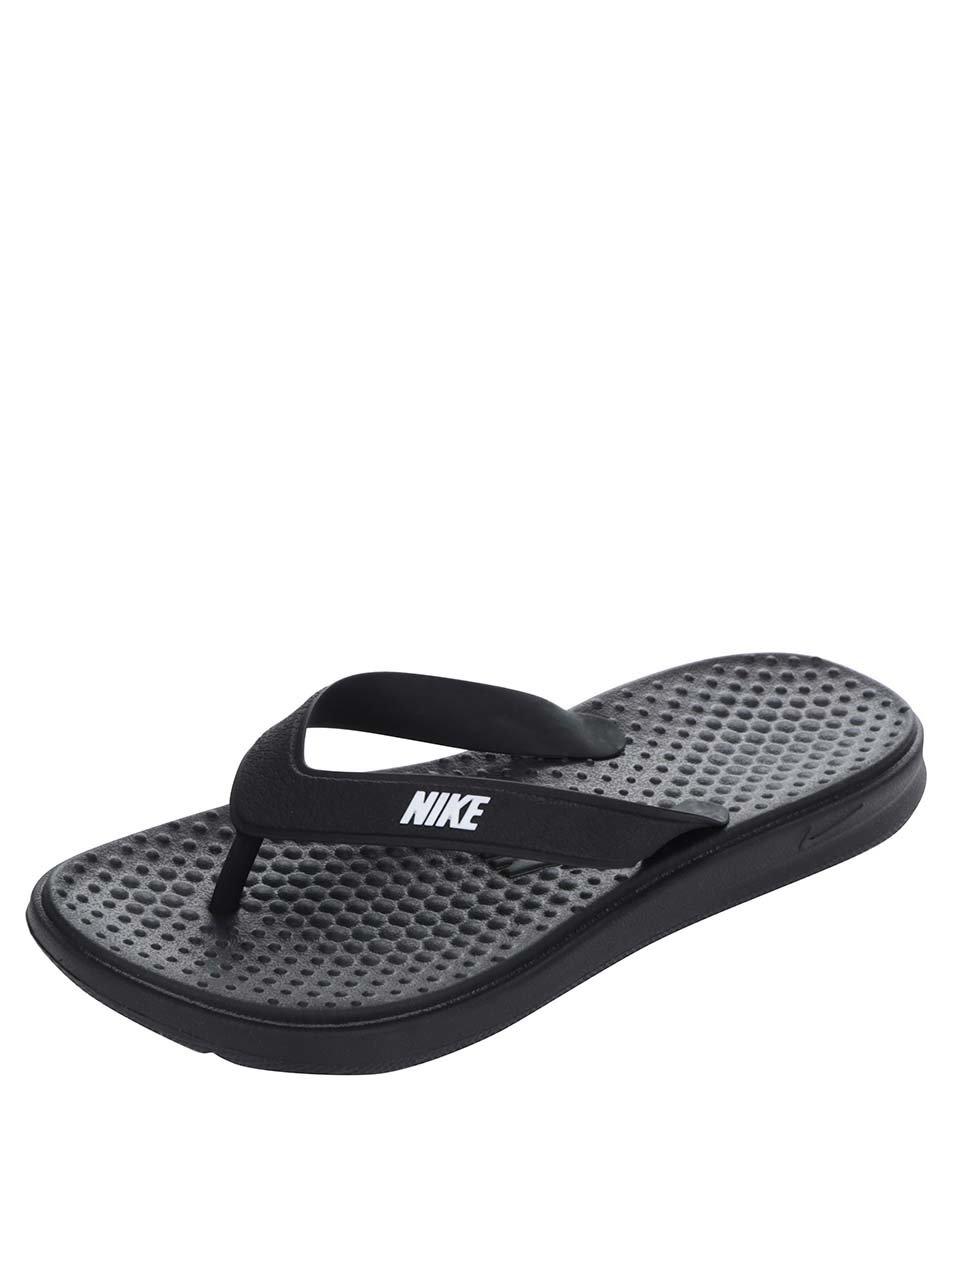 Černé dámské žabky Nike Solay Thong